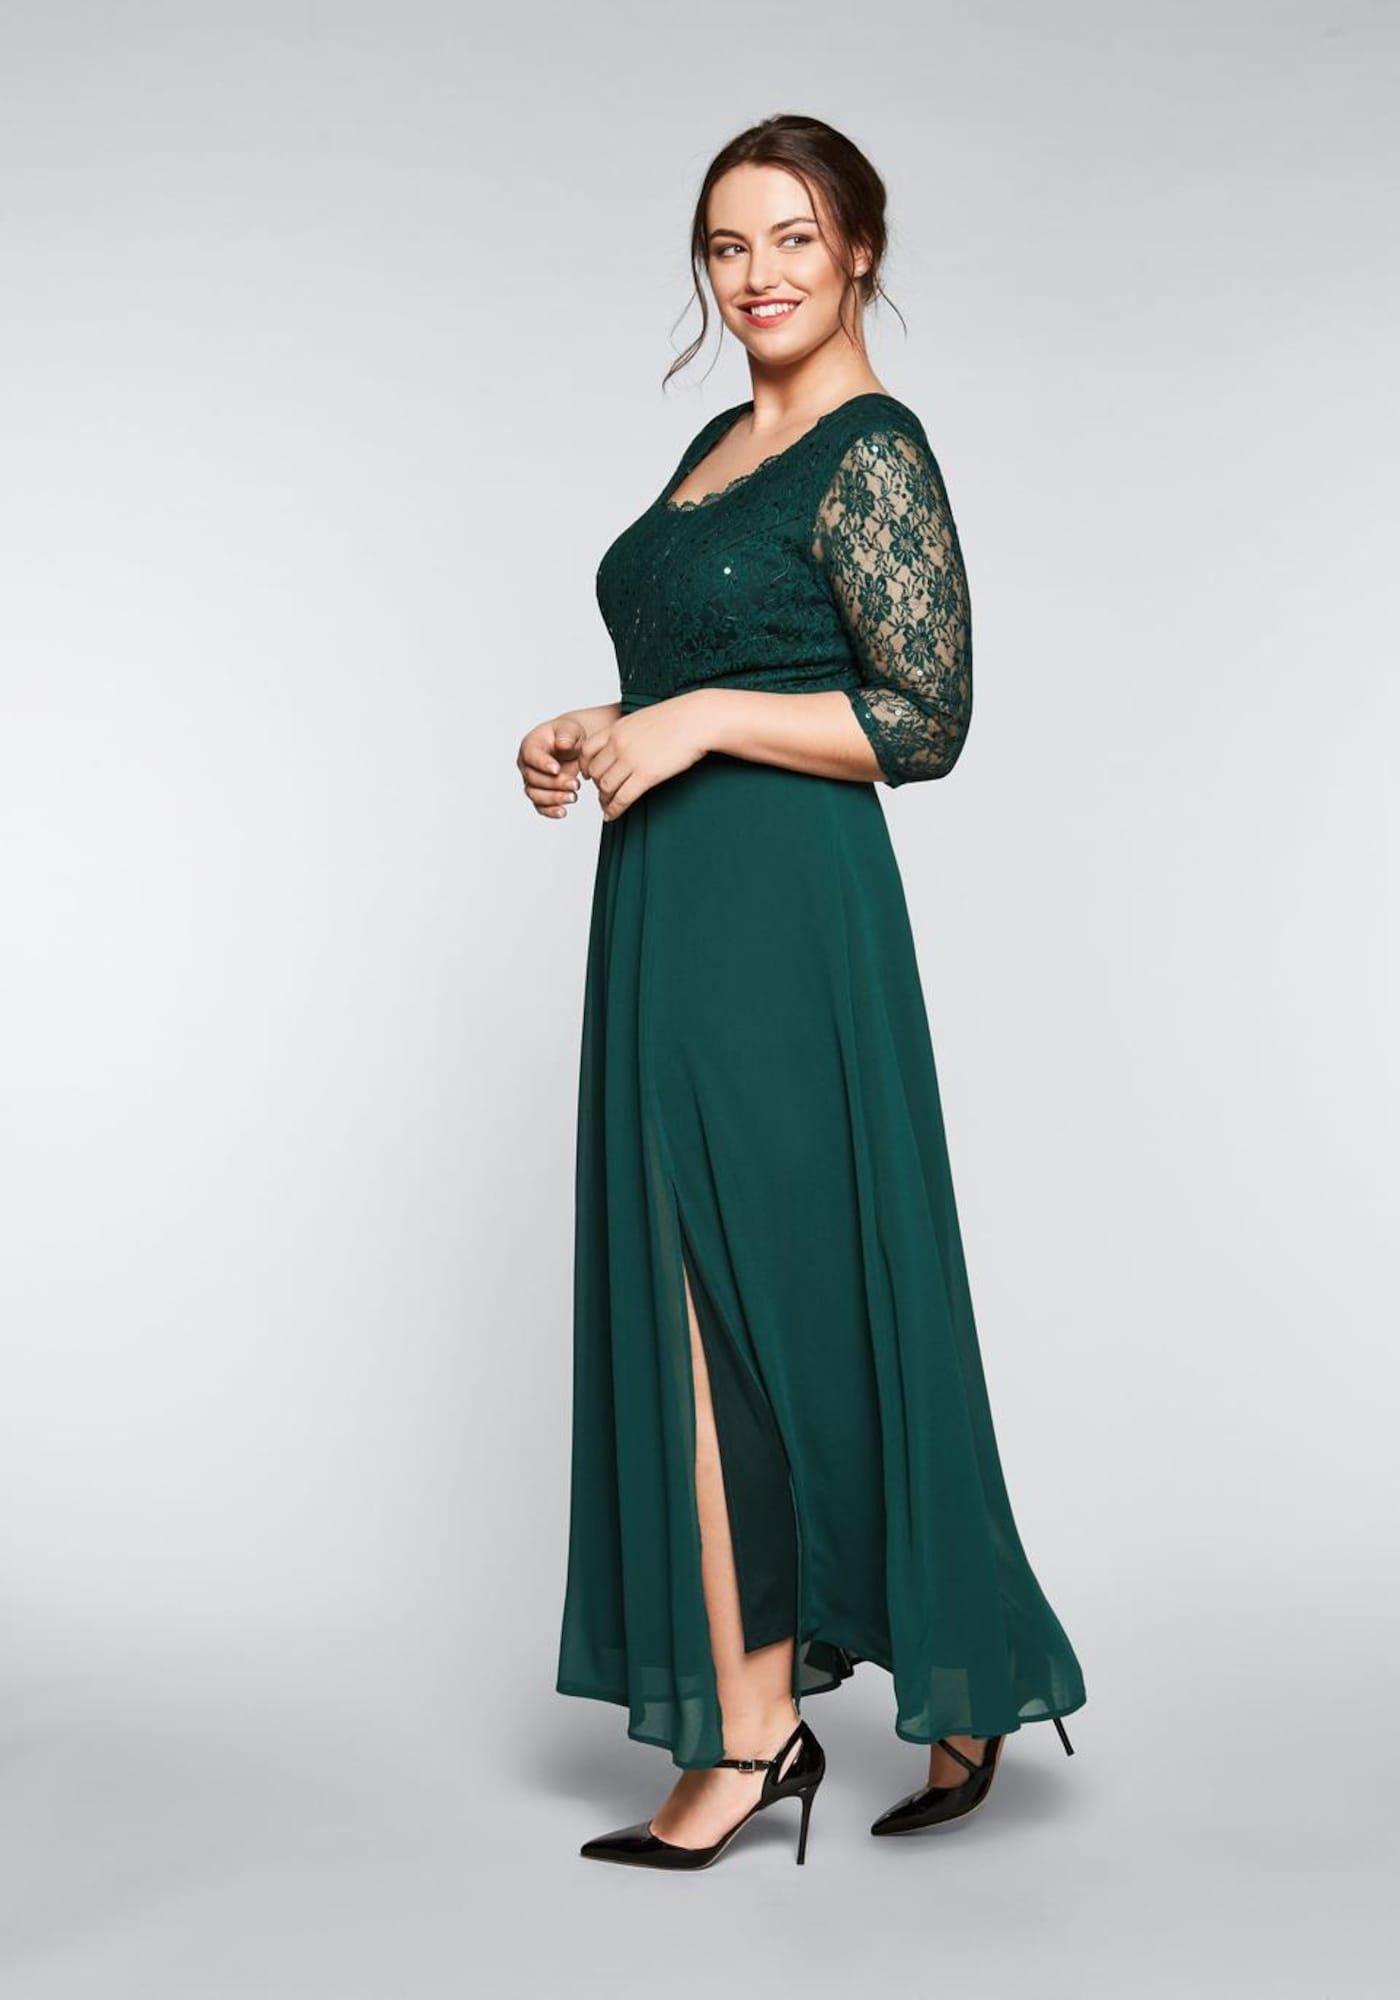 SHEEGO Abendkleid Damen, Grün, Größe 12  Abendkleid, Kleider und